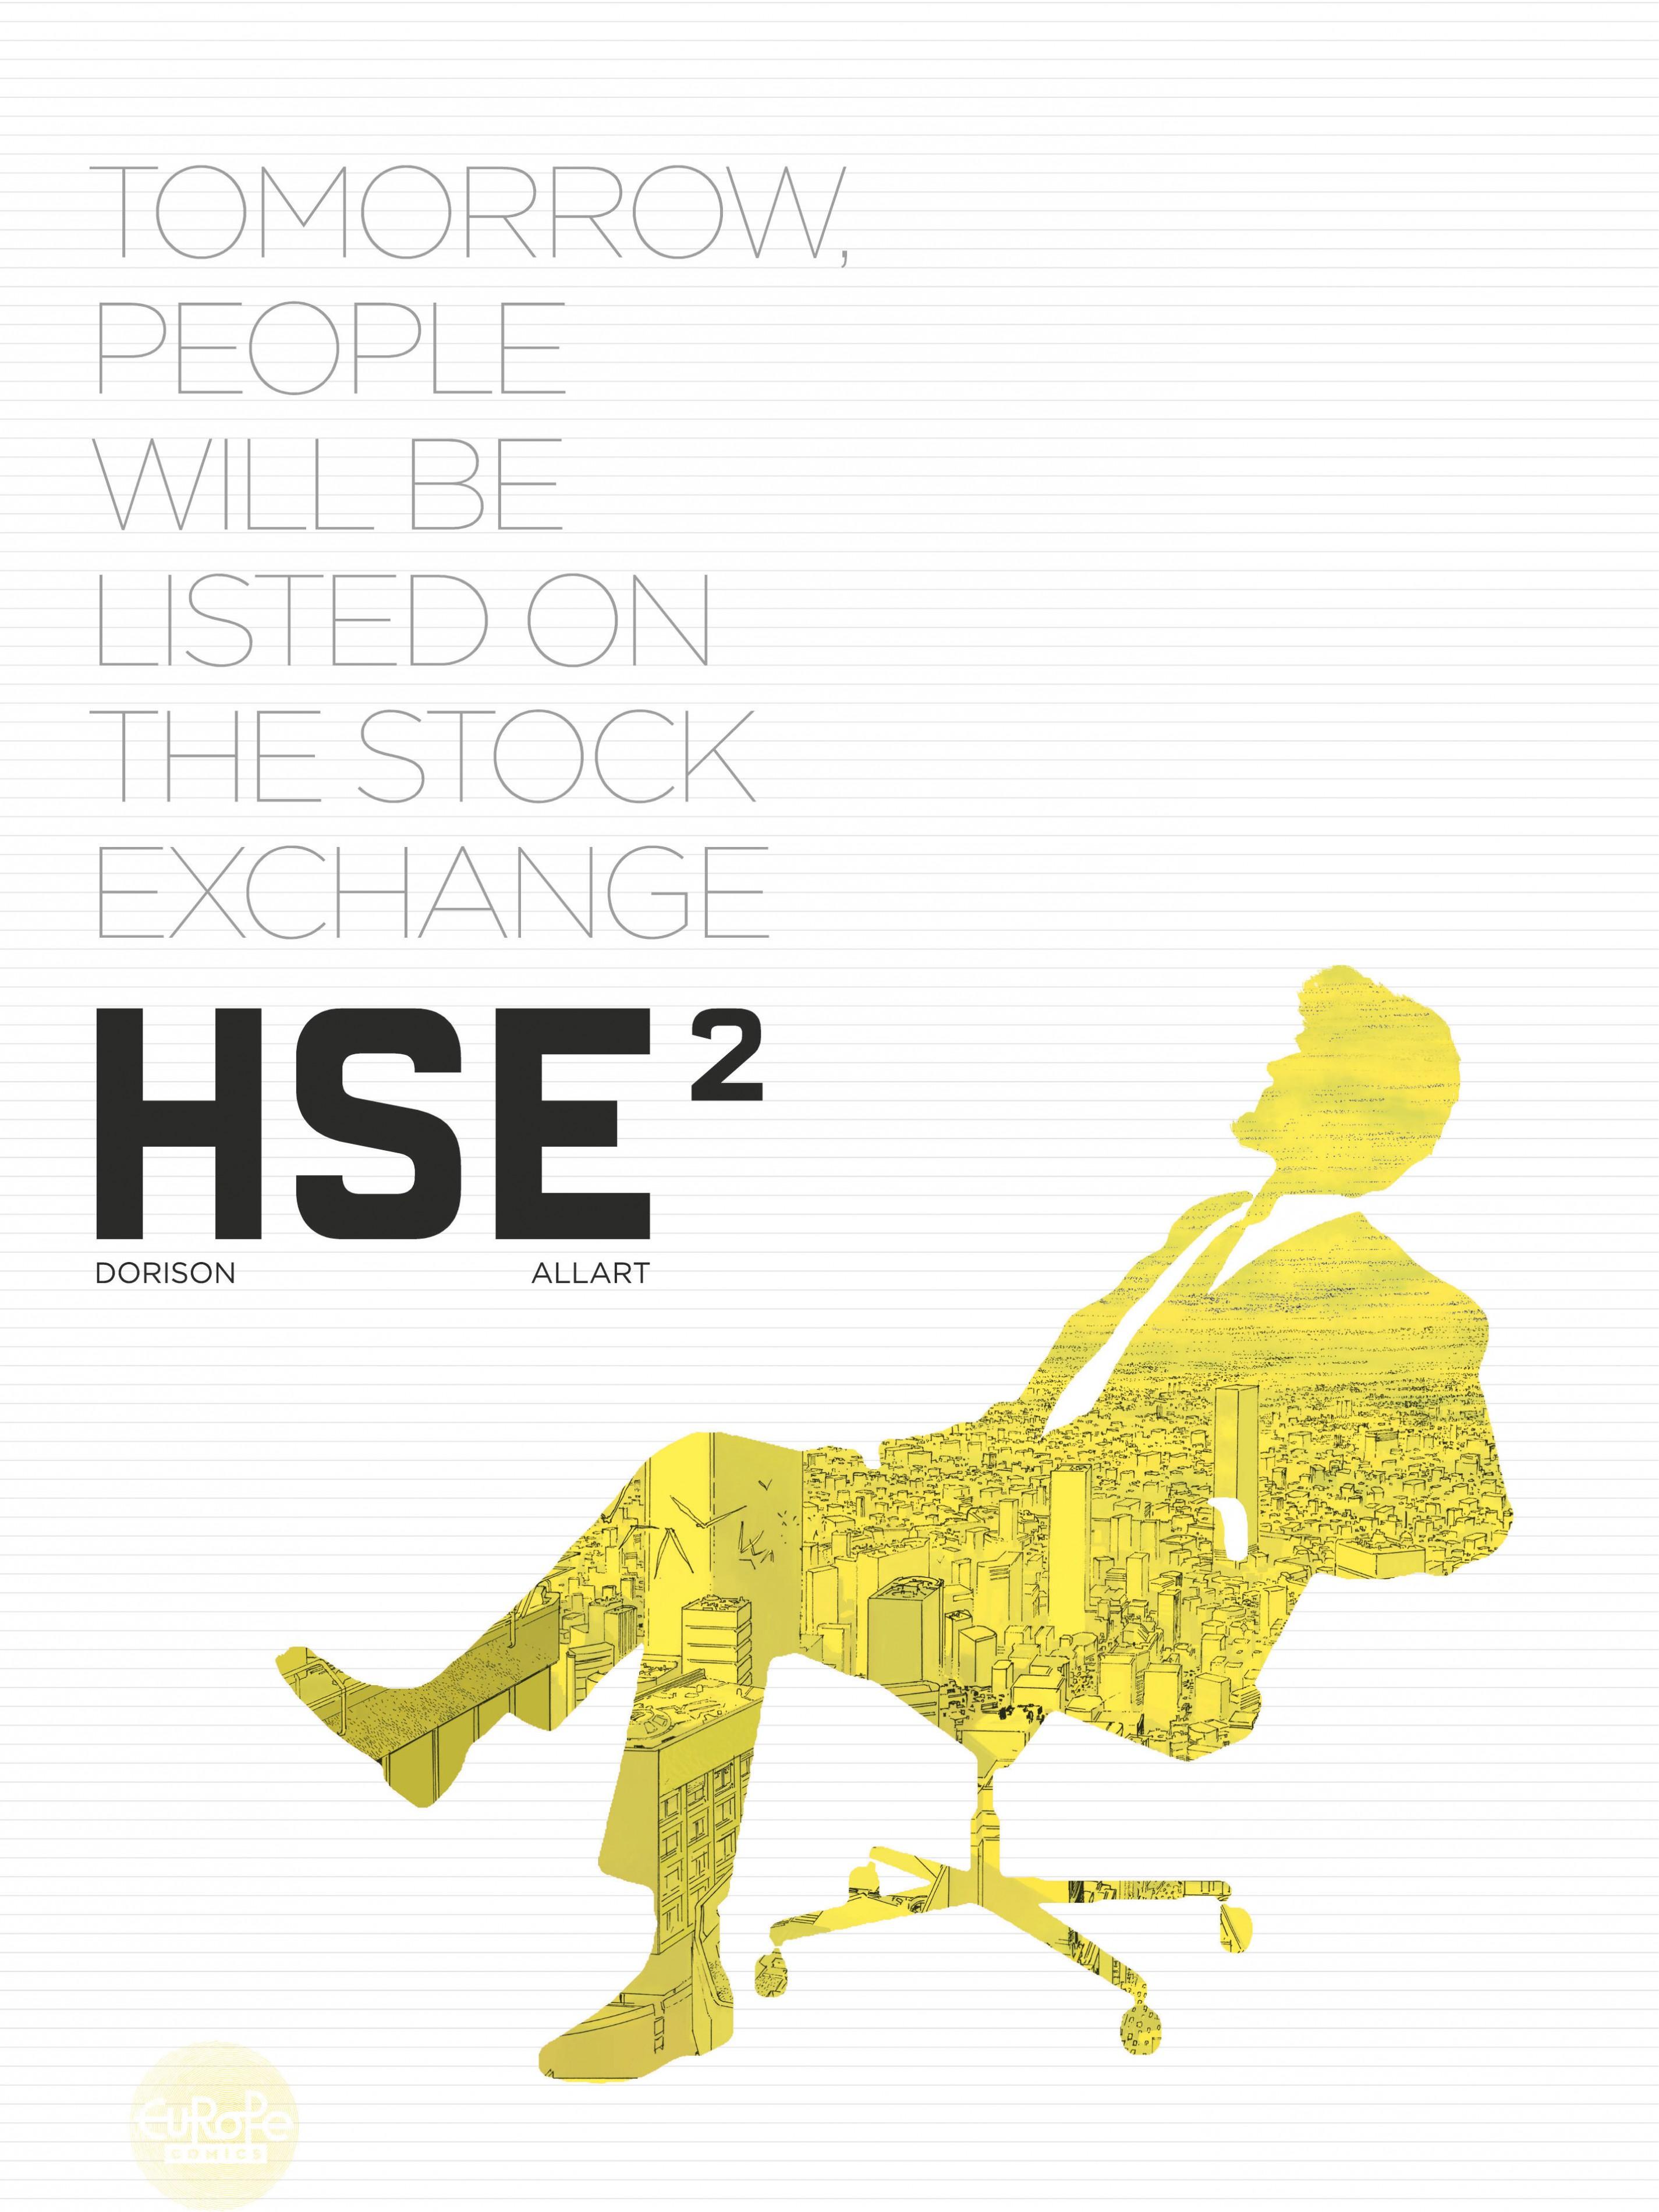 Human Stock Exchange - Volu...